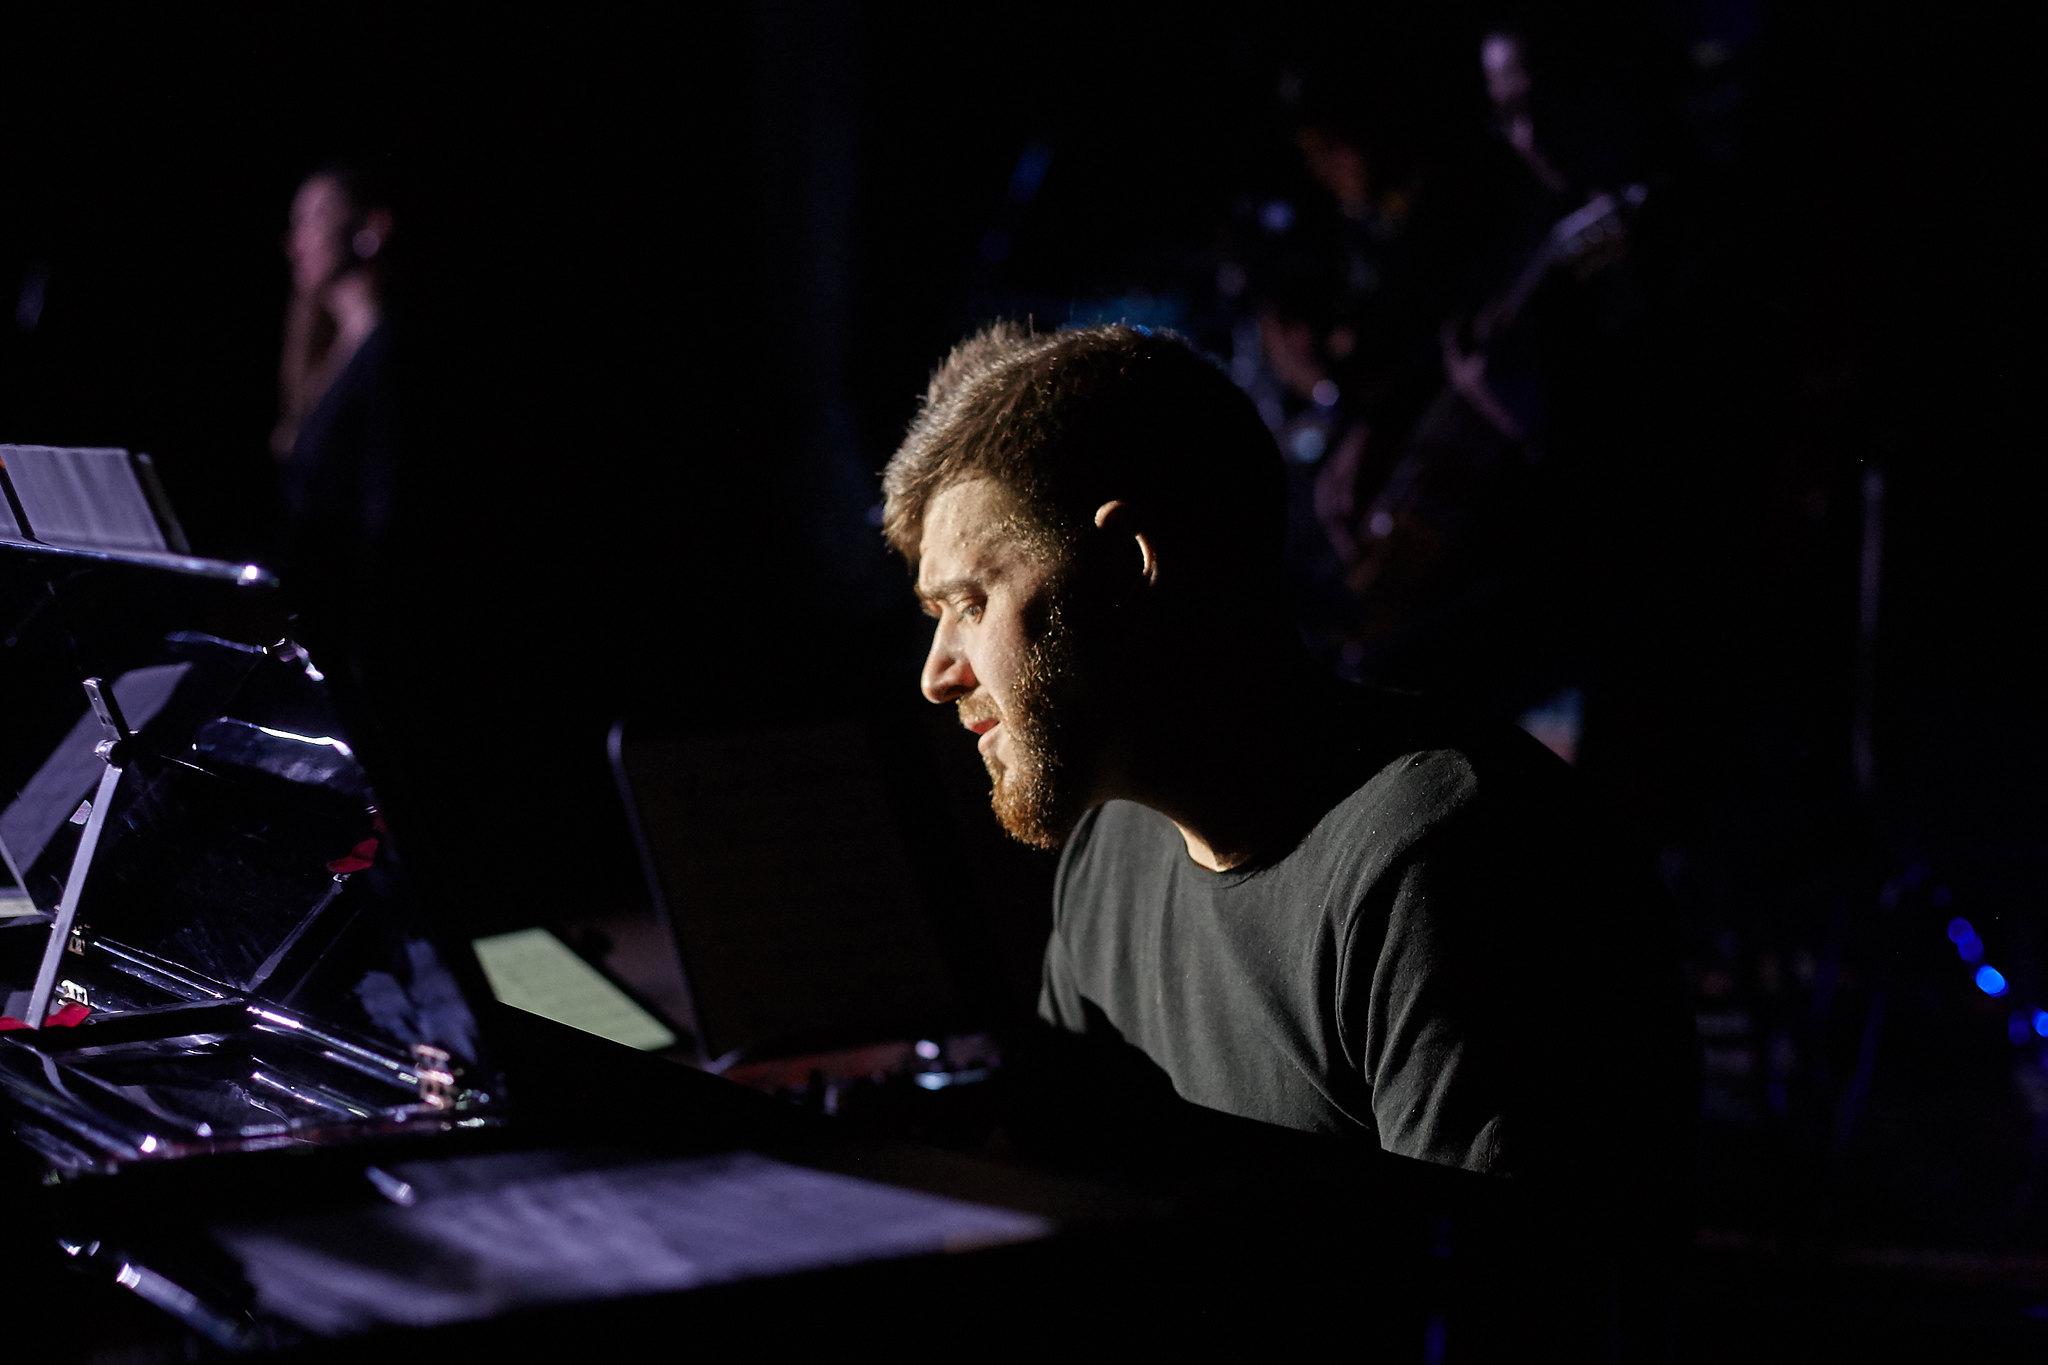 Сучасний джаз: тринадцята «Jazz-куліса» у Чернігові (Фото)